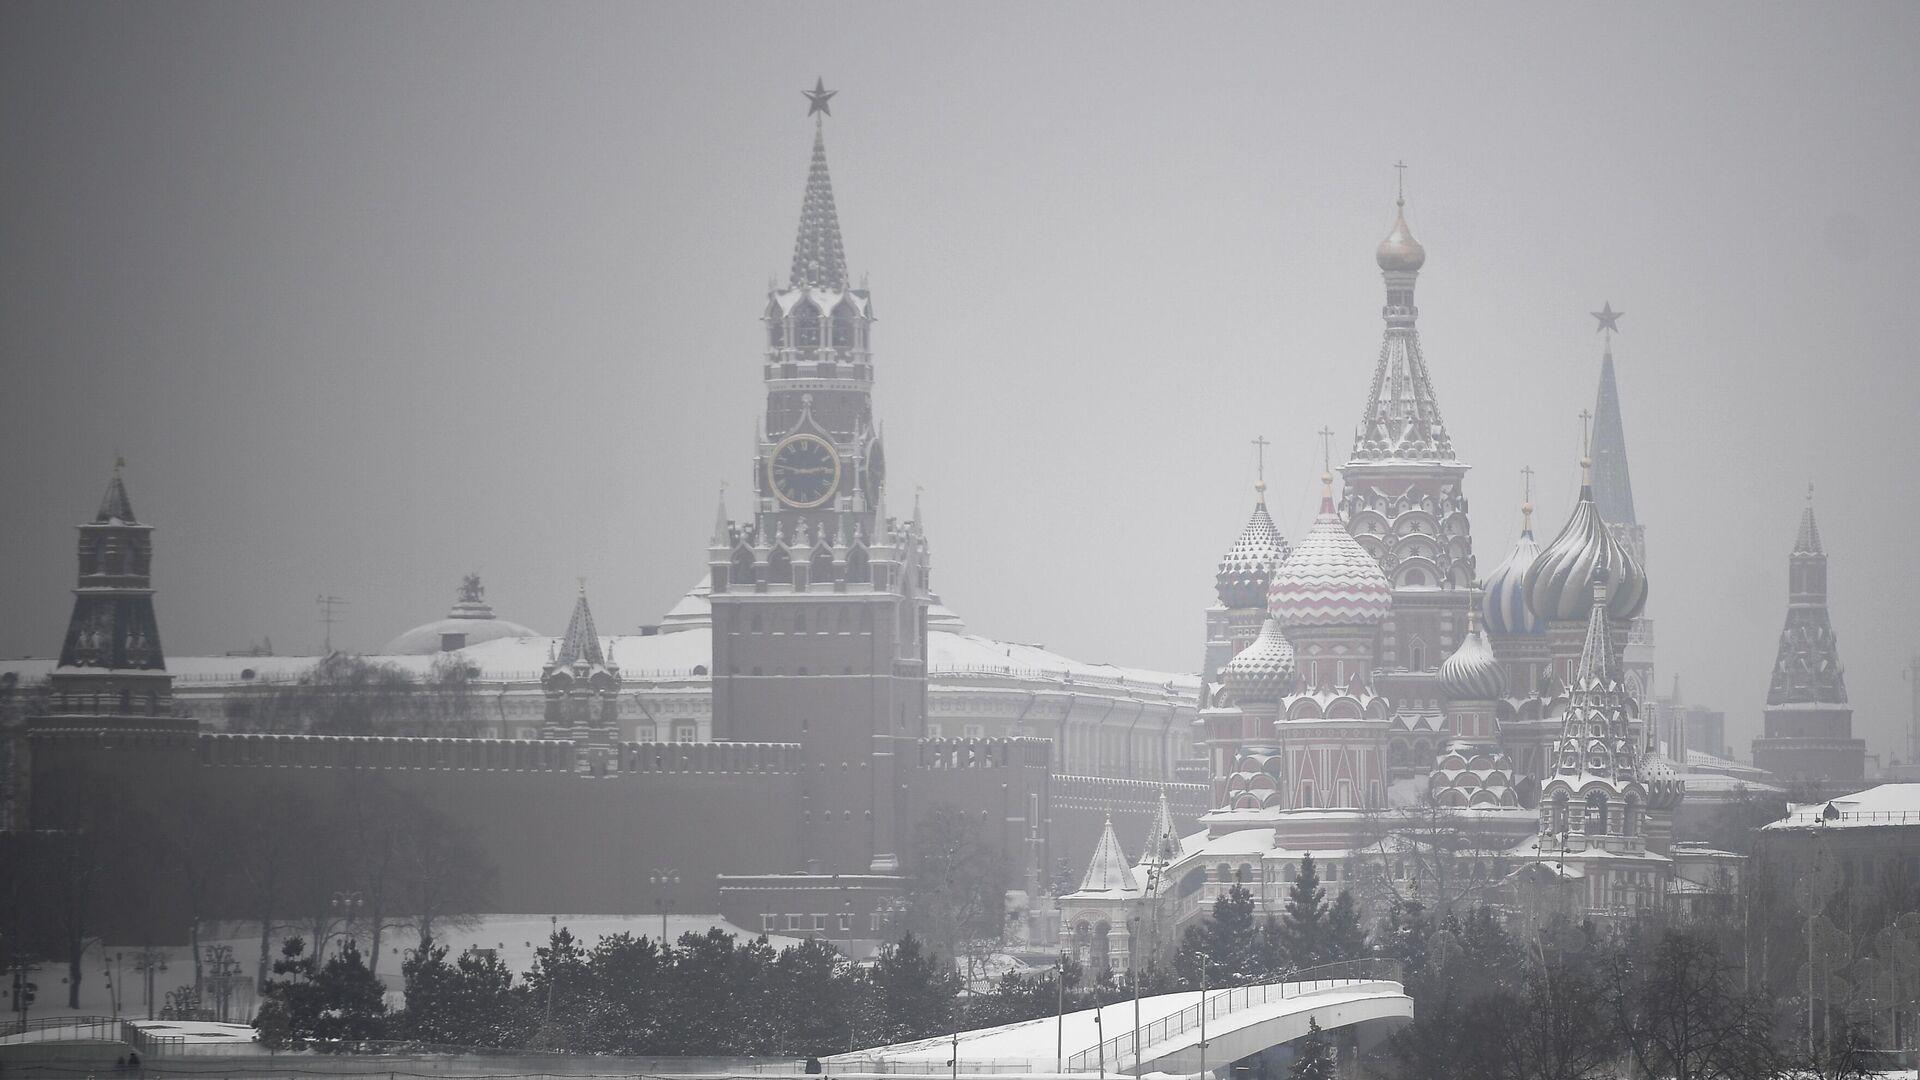 Башни Московского Кремля - РИА Новости, 1920, 27.01.2021